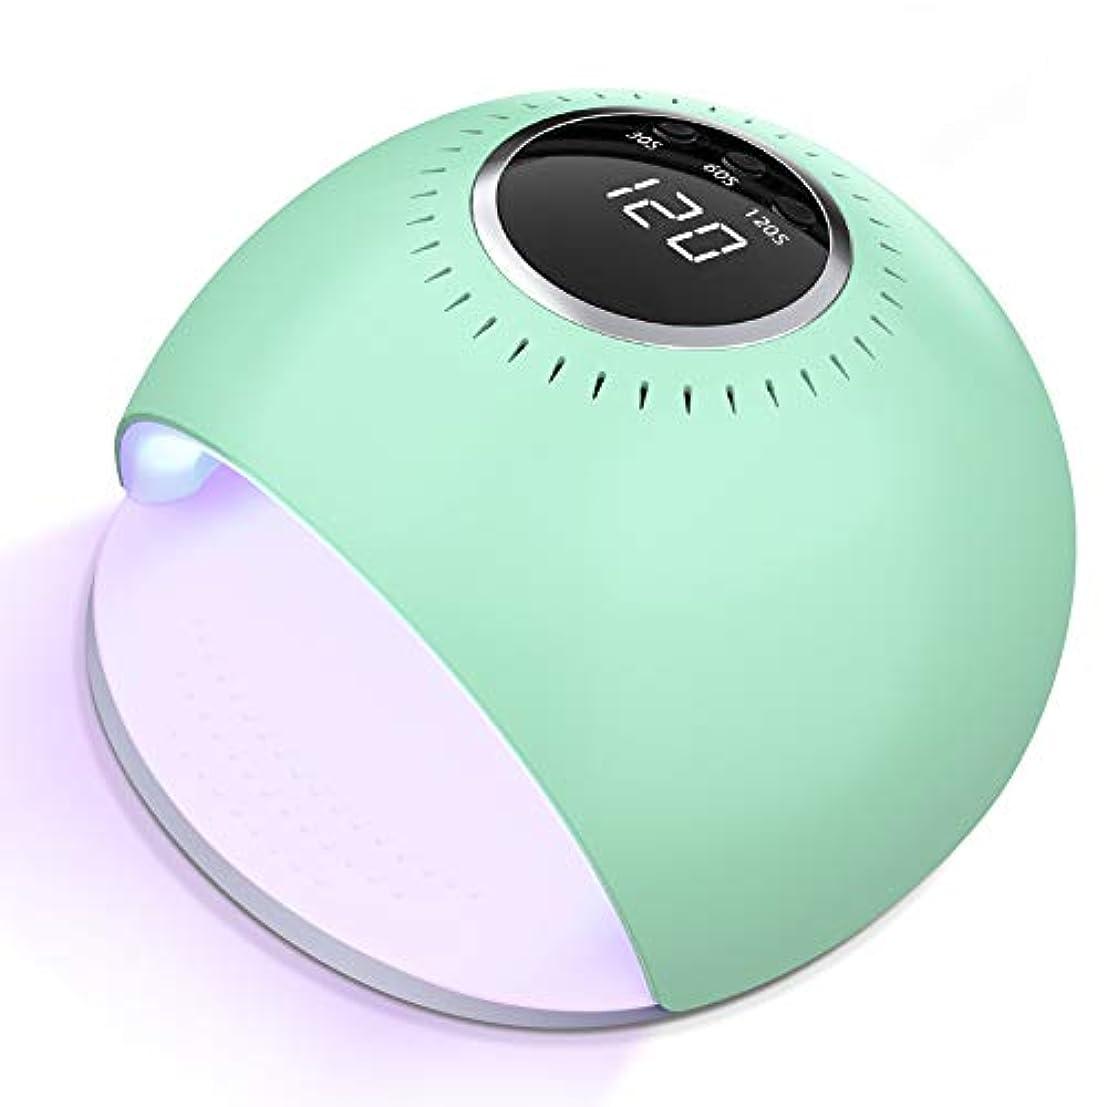 報復するインテリア説明的MACHITO UV LEDネイルドライヤー 84W ハイパワー 赤外線検知 UV &LEDダブルライト ジェルネイル用 硬化用 ライト 3つタイマー設定 美白 専用赤白ライト ランプ 日本語説明書付き 緑 …